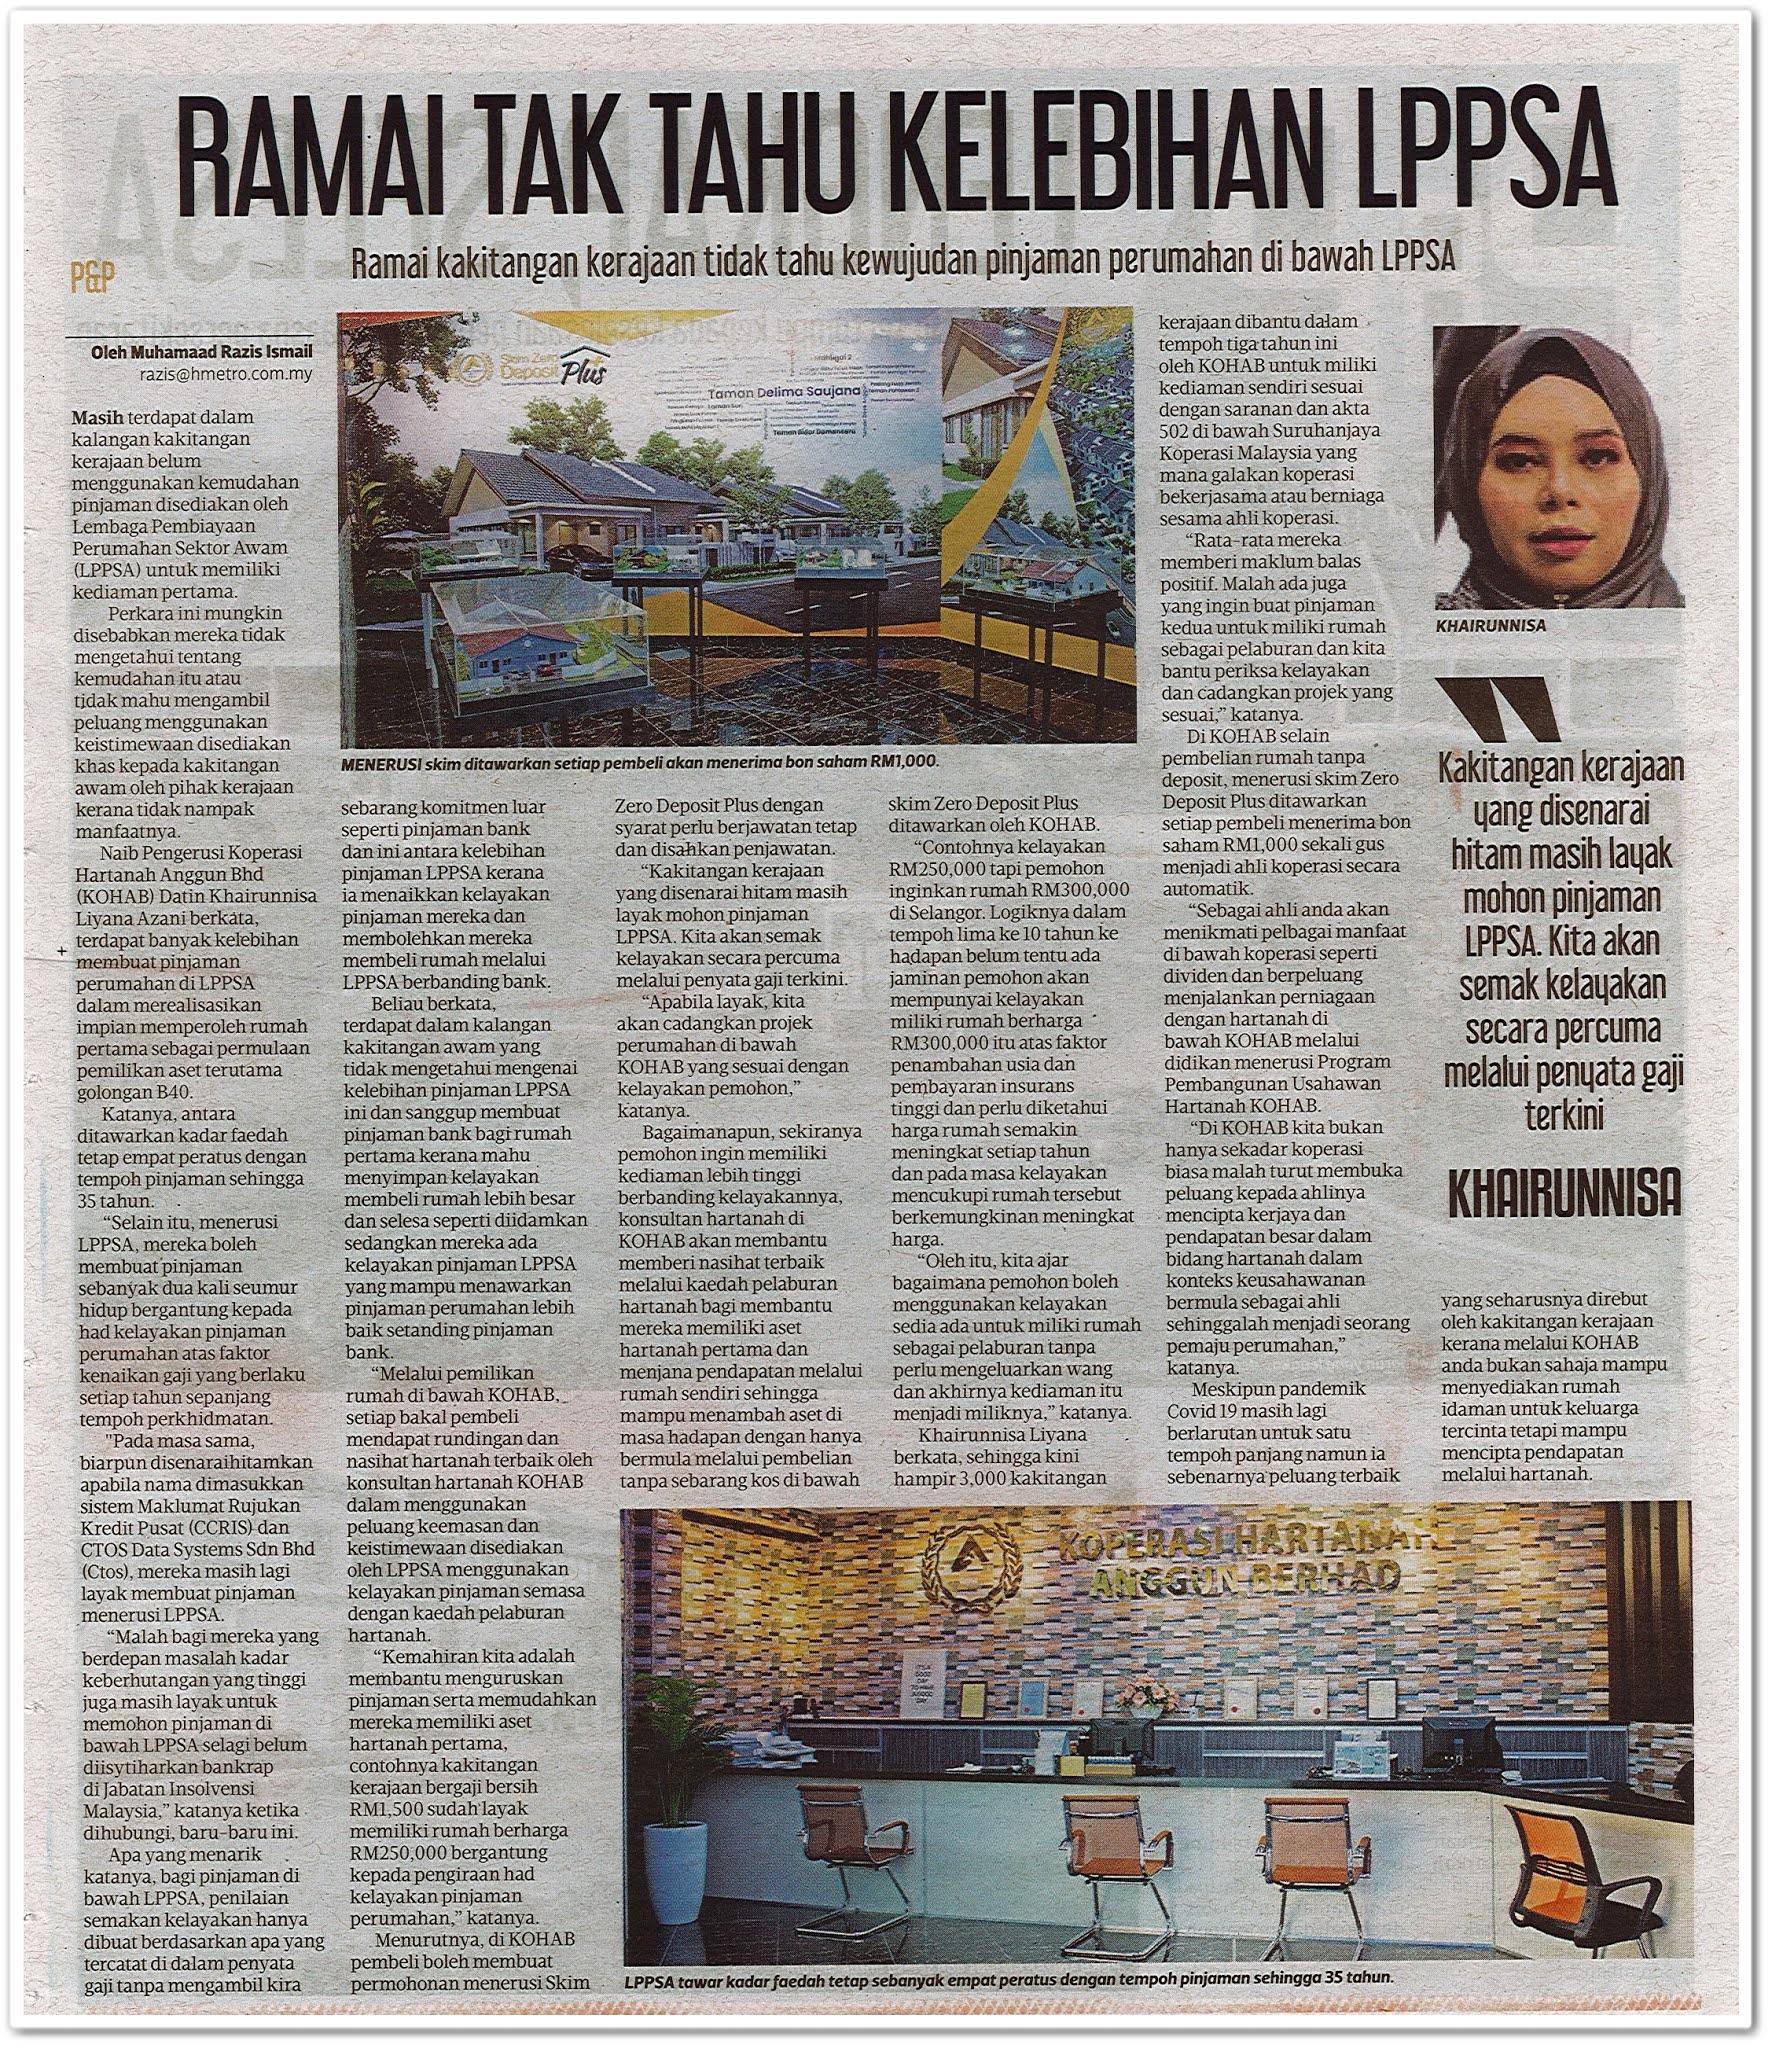 Ramai tak tahu kelebihan LPPSA - Keratan akhbar Harian Metro 23 Oktober 2020